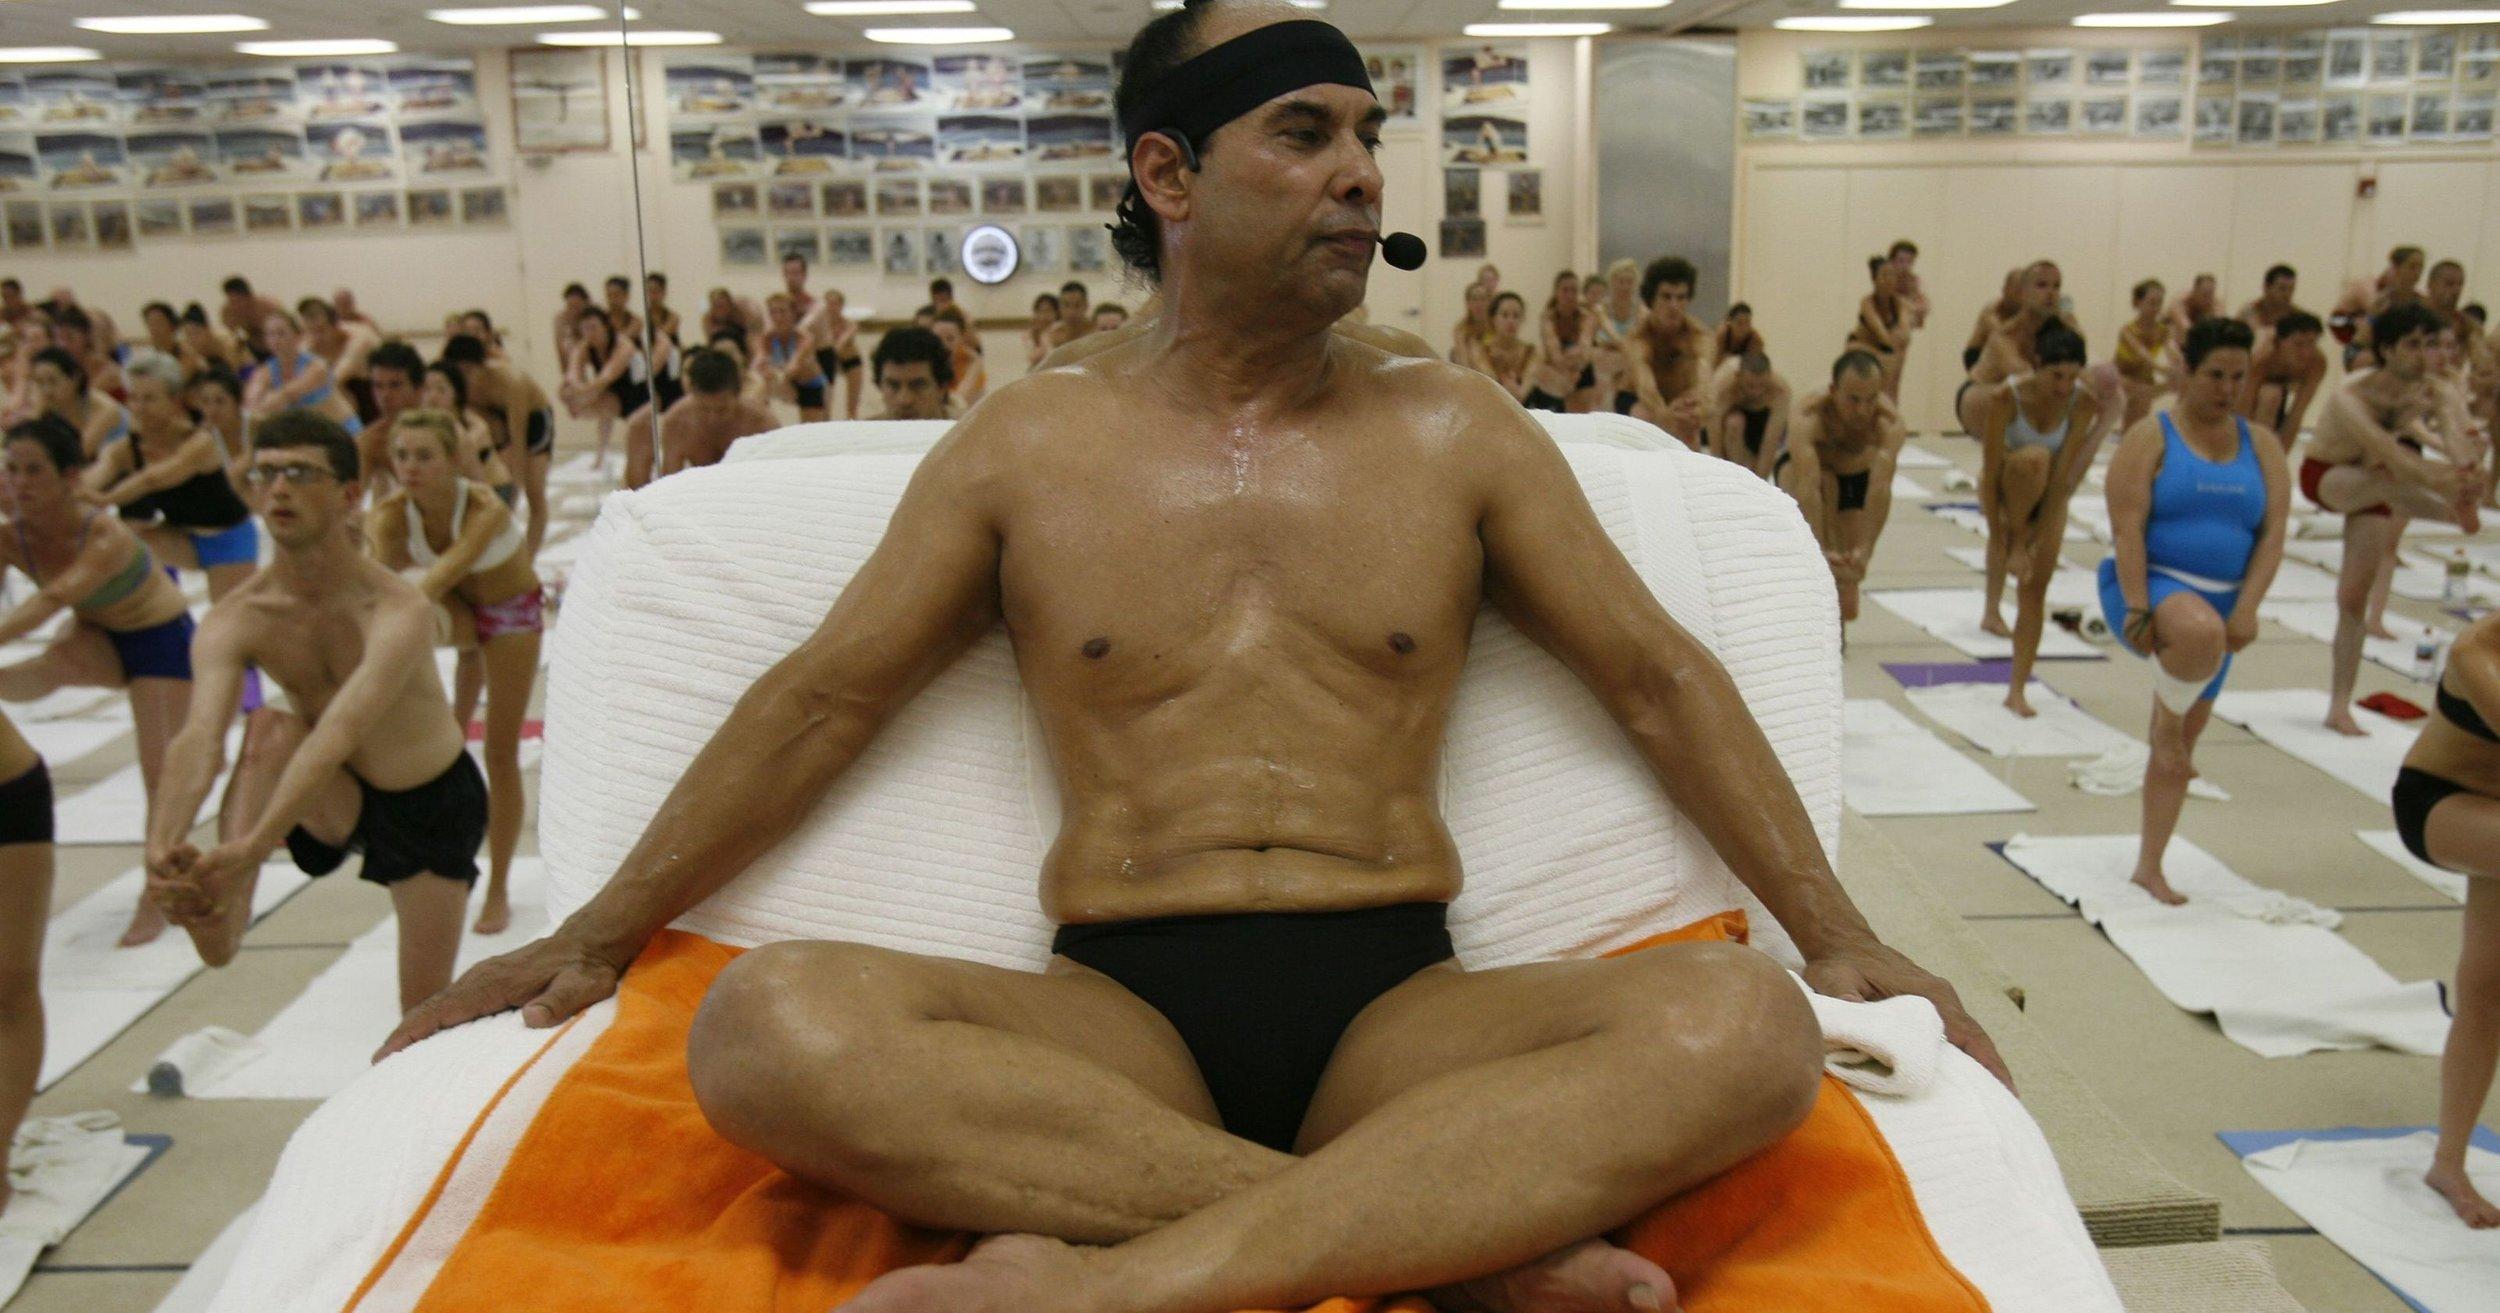 Bikram Choudhury, Founder of Bikram Yoga